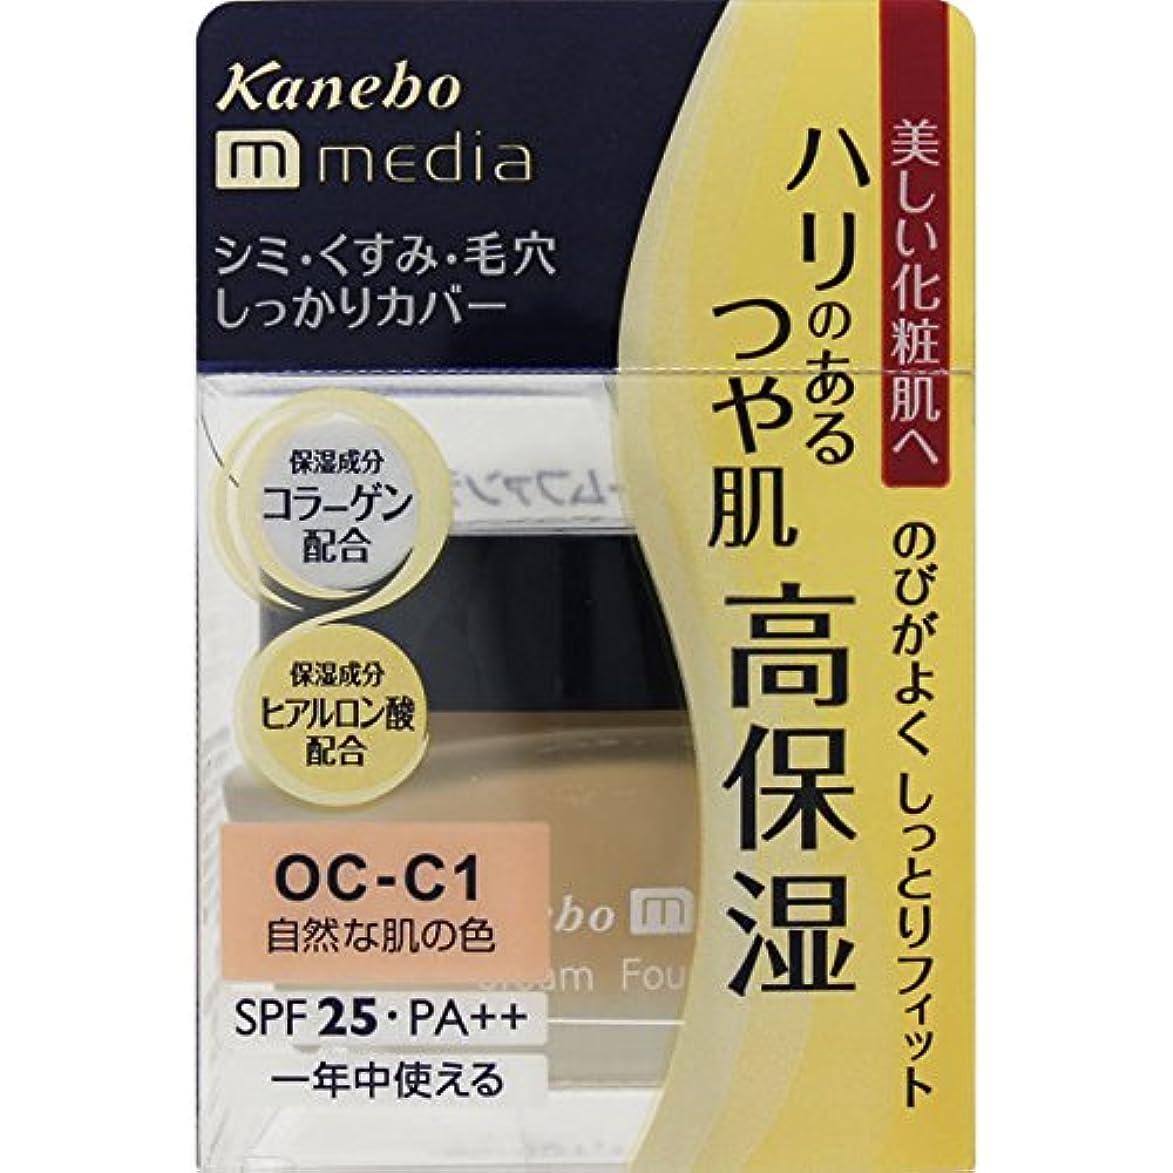 入場料メッセンジャーあごひげカネボウ media(メディア) クリームファンデーション OC-C1(自然な肌の色)